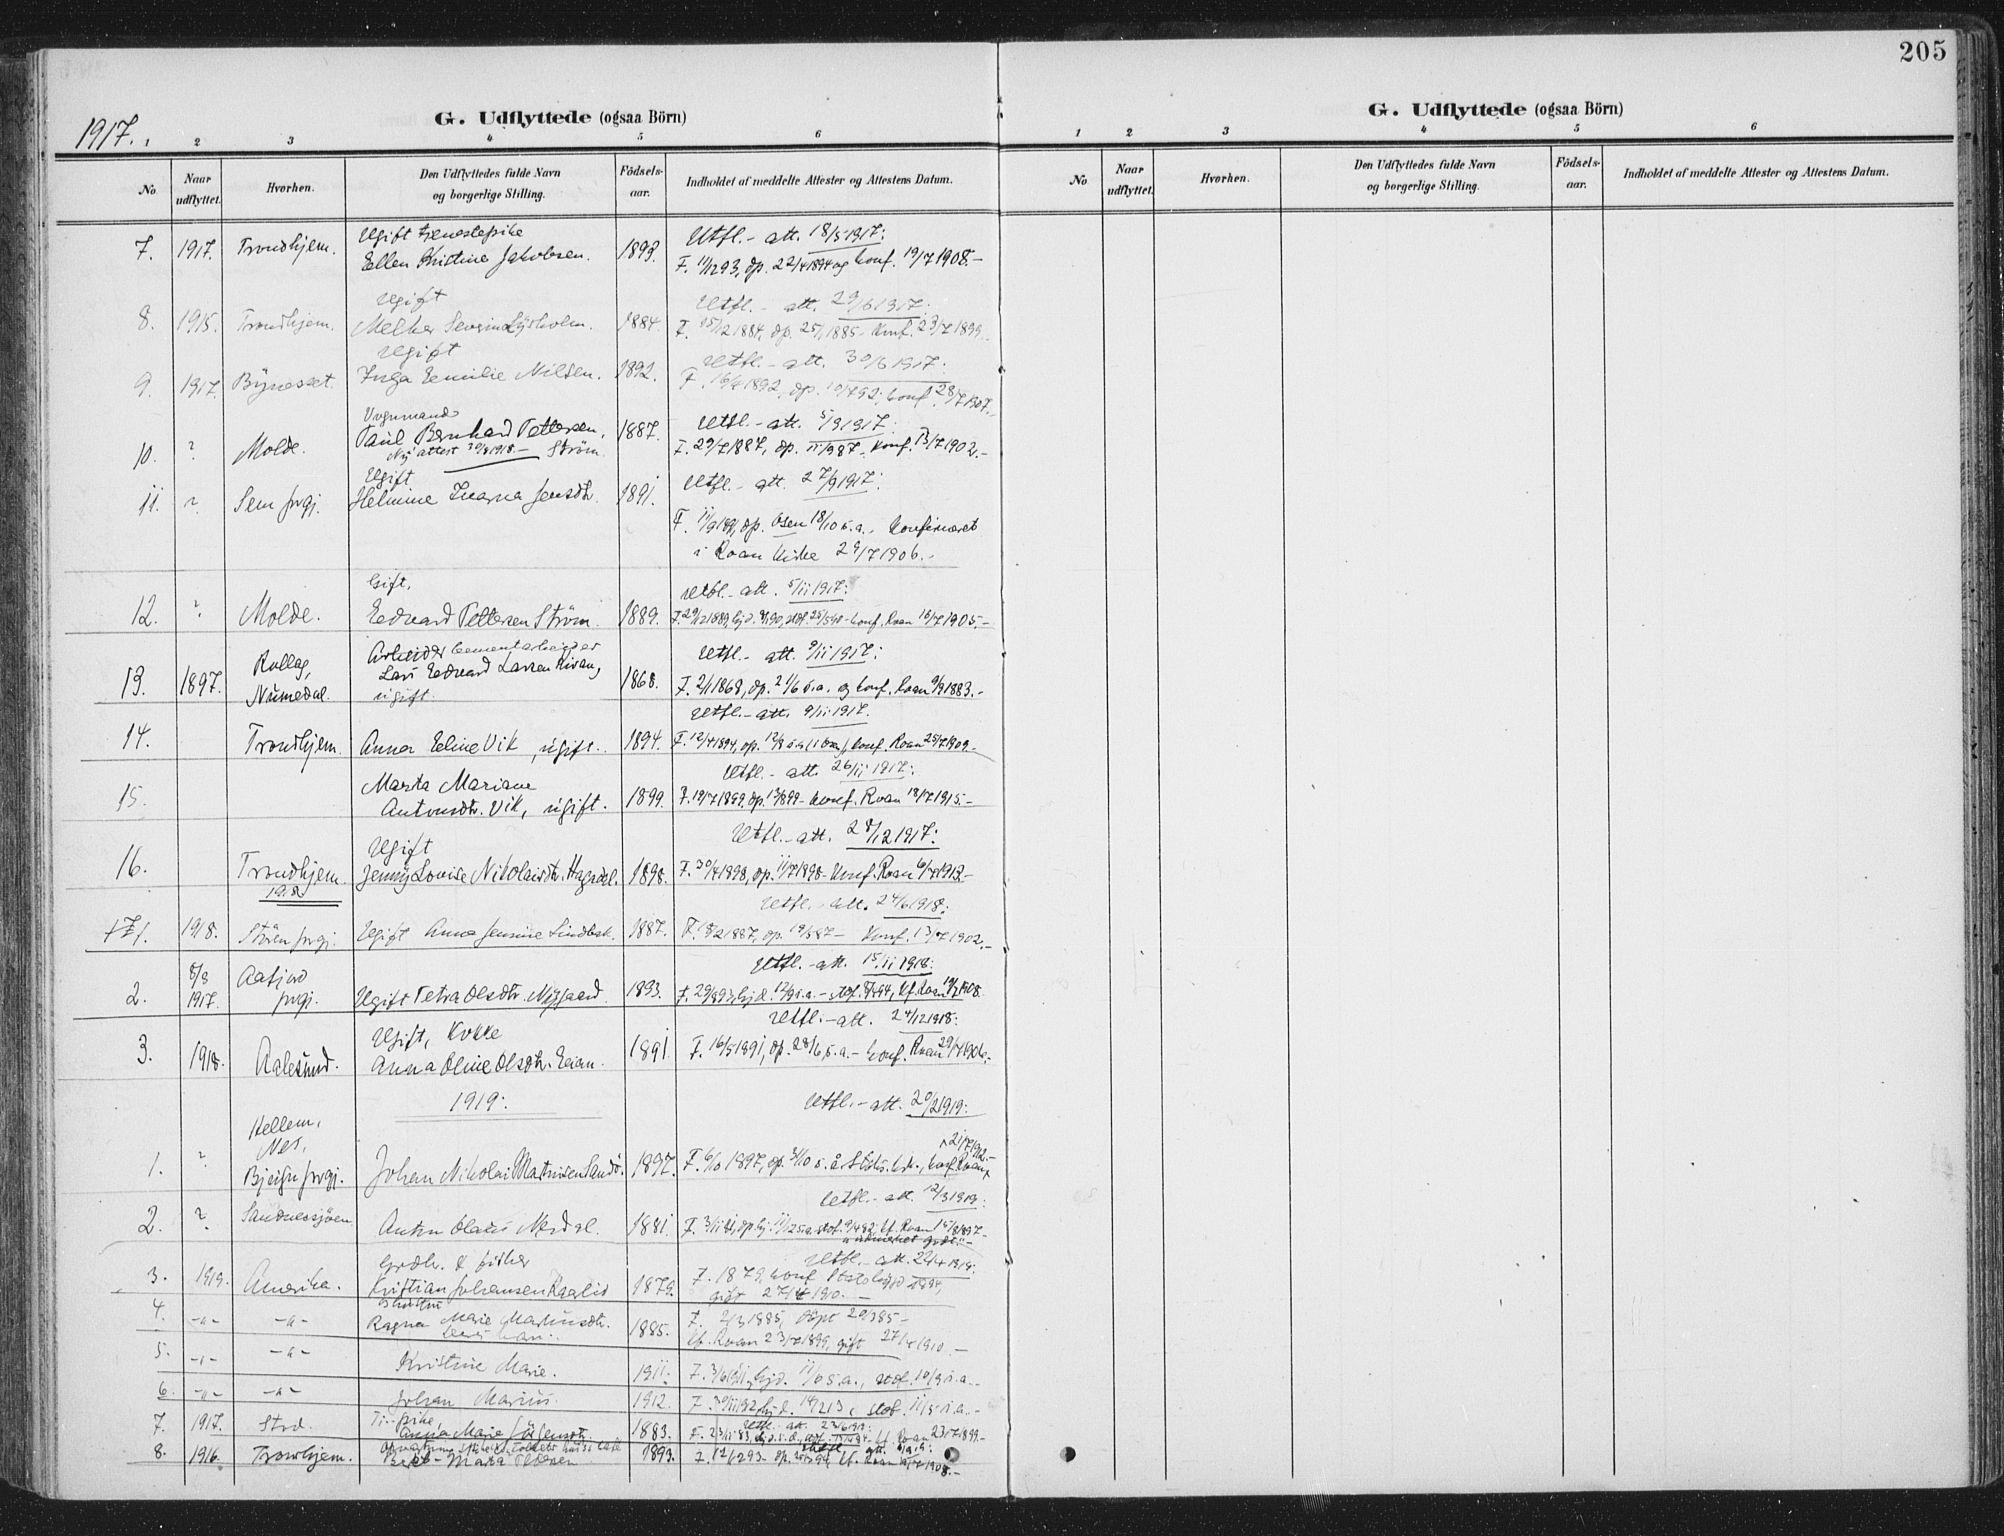 SAT, Ministerialprotokoller, klokkerbøker og fødselsregistre - Sør-Trøndelag, 657/L0709: Ministerialbok nr. 657A10, 1905-1919, s. 205